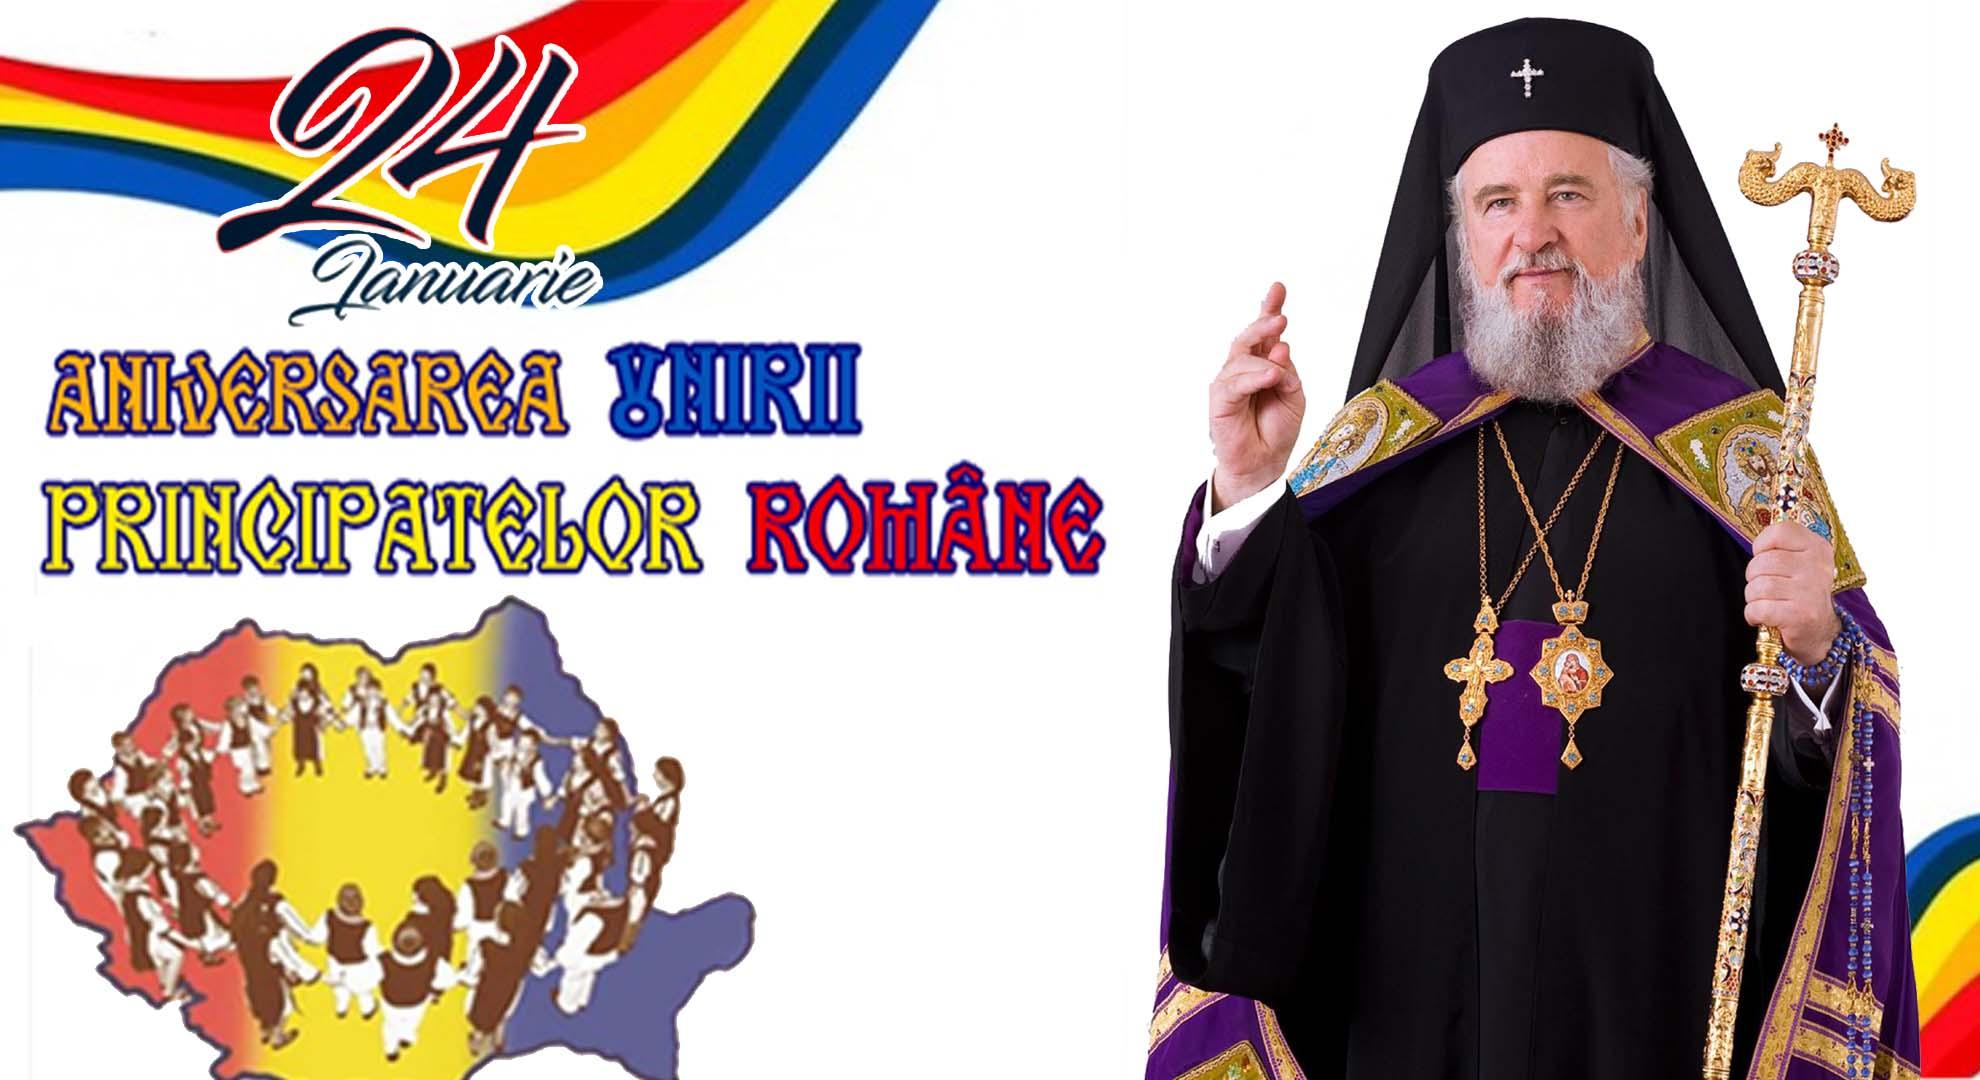 MESAJUL IPS Arhiepiscop şi Mitropolit NIFON, cu ocazia Zilei Unirii Principatelor Române -24 ianuarie 2021-